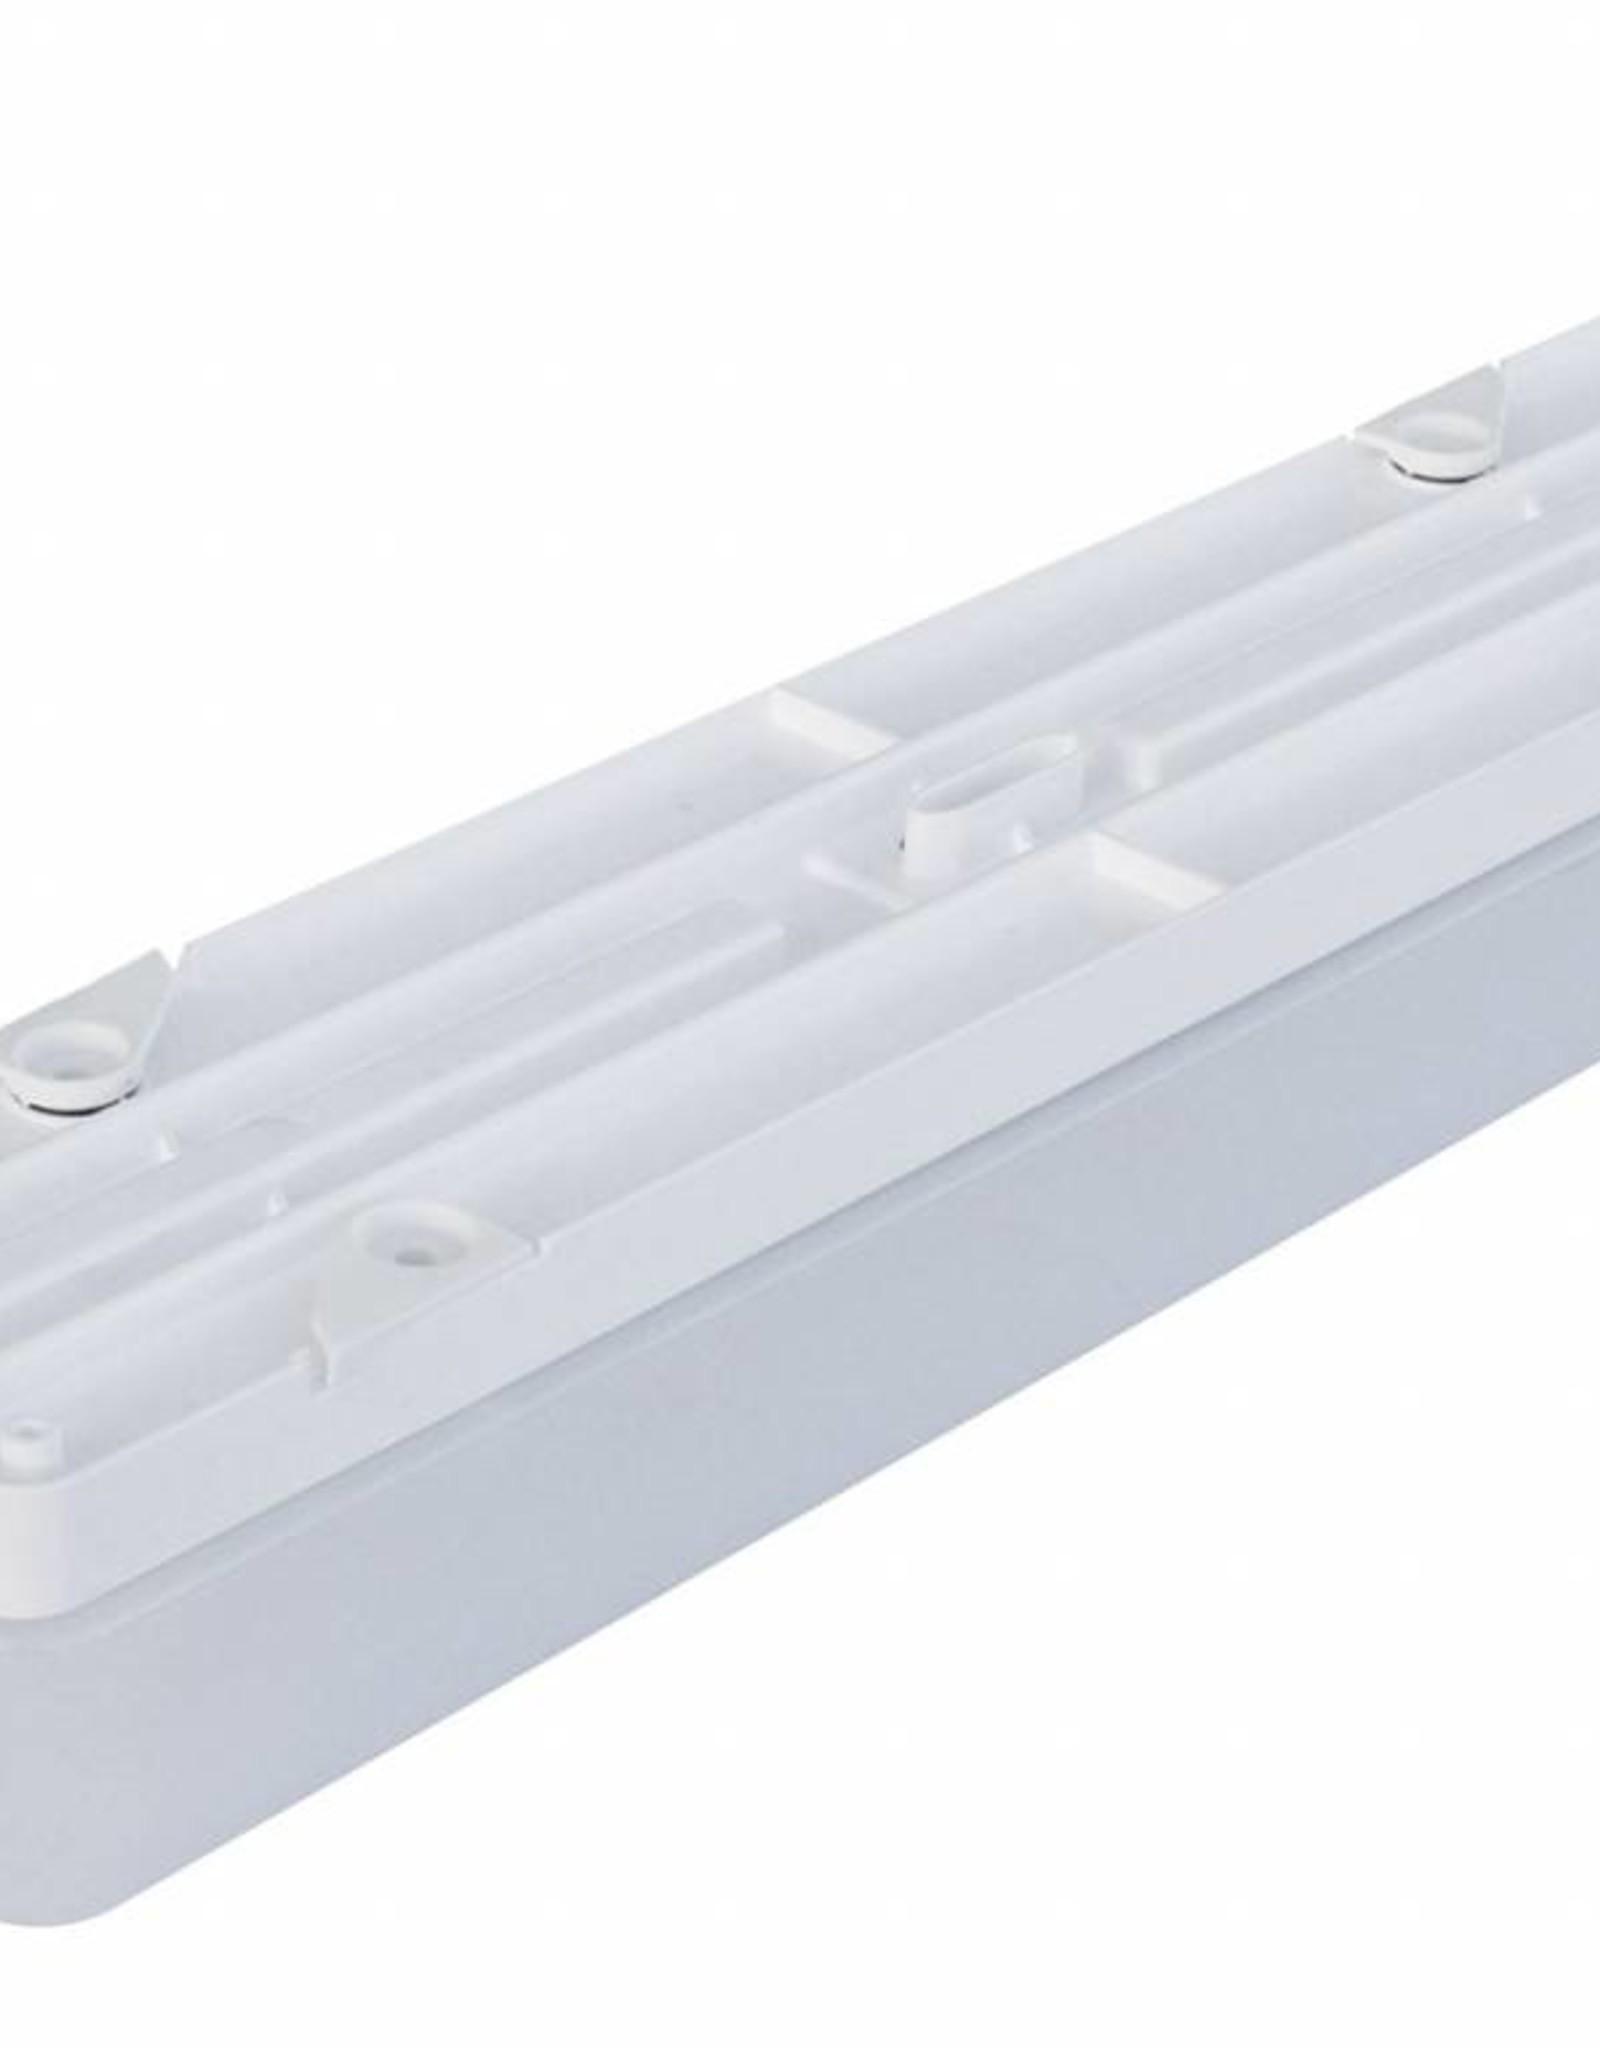 Linea 2.4ft 8800/840